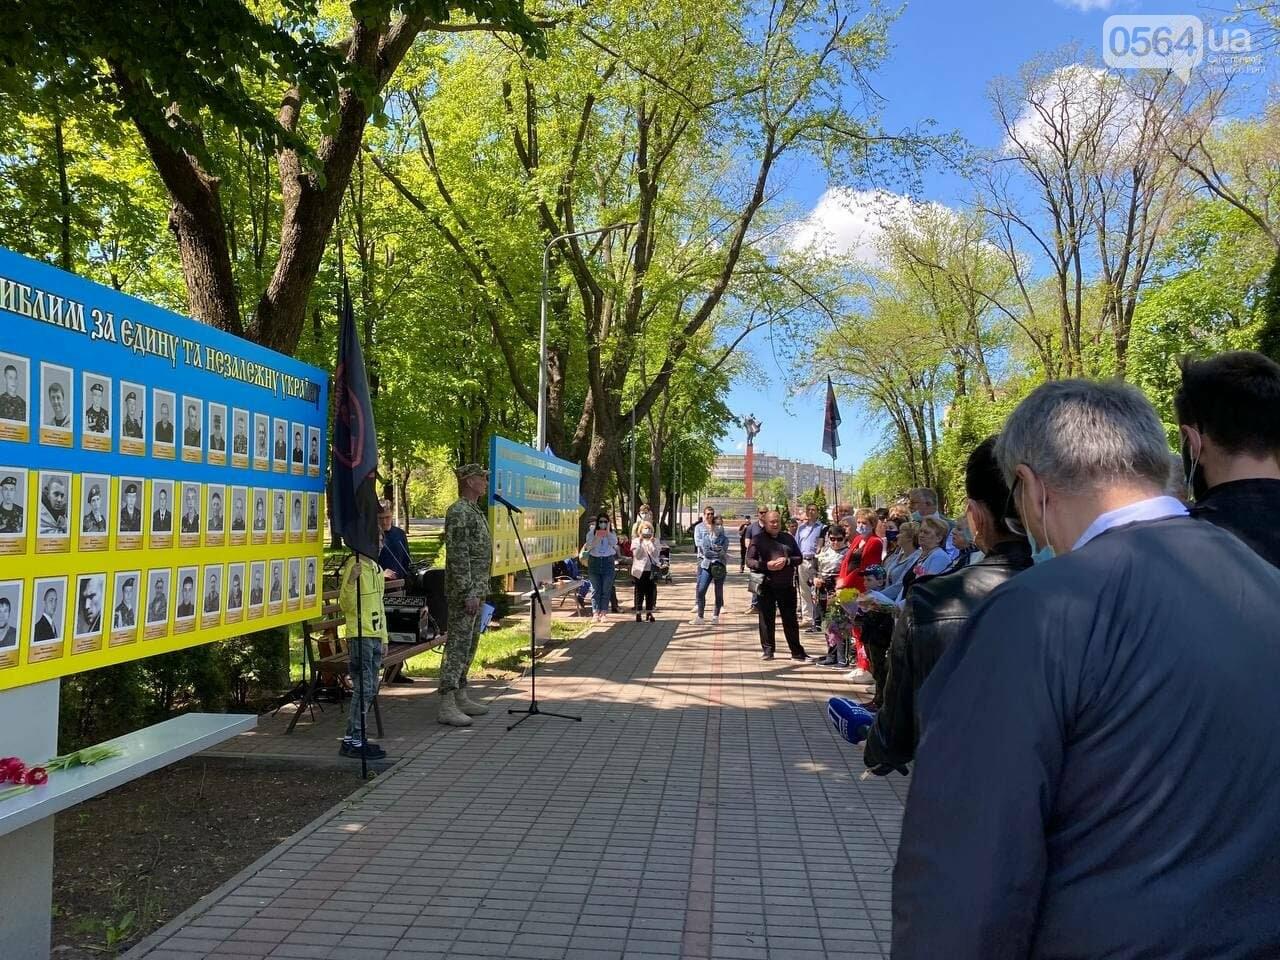 """7 годовщина создания батальона """"Кривбасс"""": горожане почтили память мертвых и поблагодарили живых воинов, - ФОТО, ВИДЕО , фото-5"""